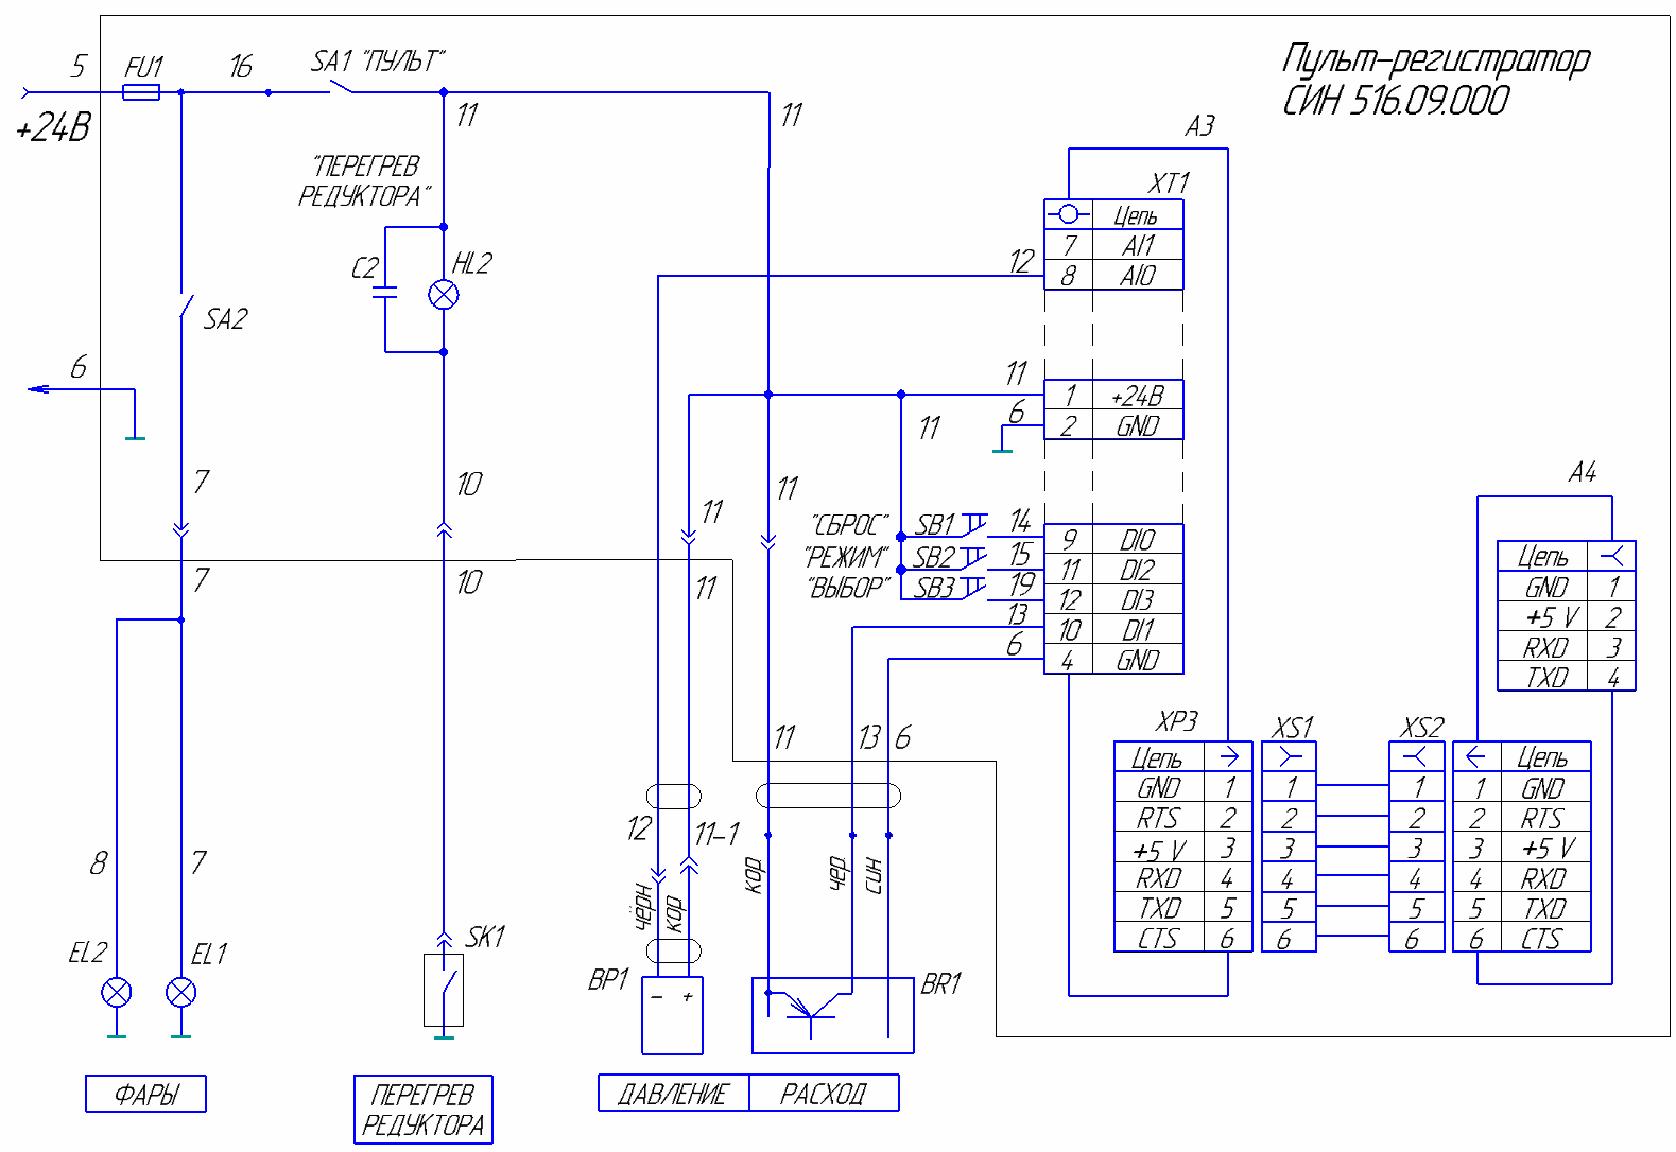 Схема подключения пульта-регистратора СИН516.09.000